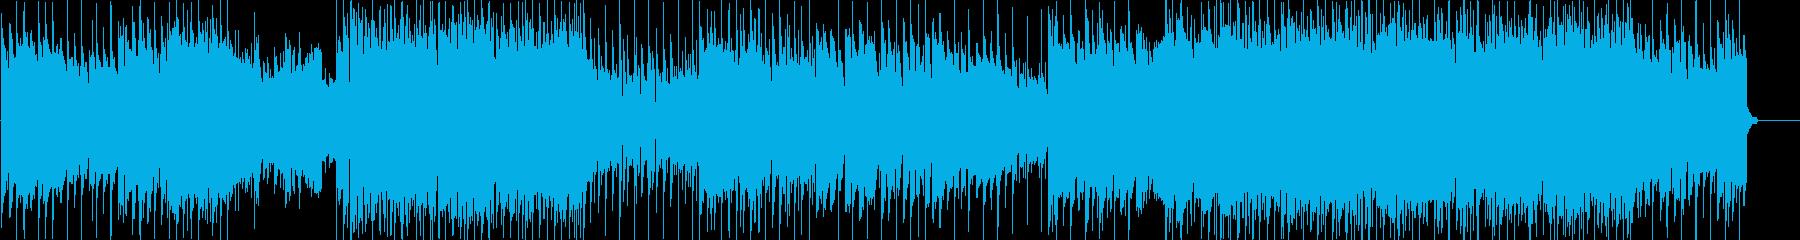 ノリのいいテクノ(メロディなし)の再生済みの波形